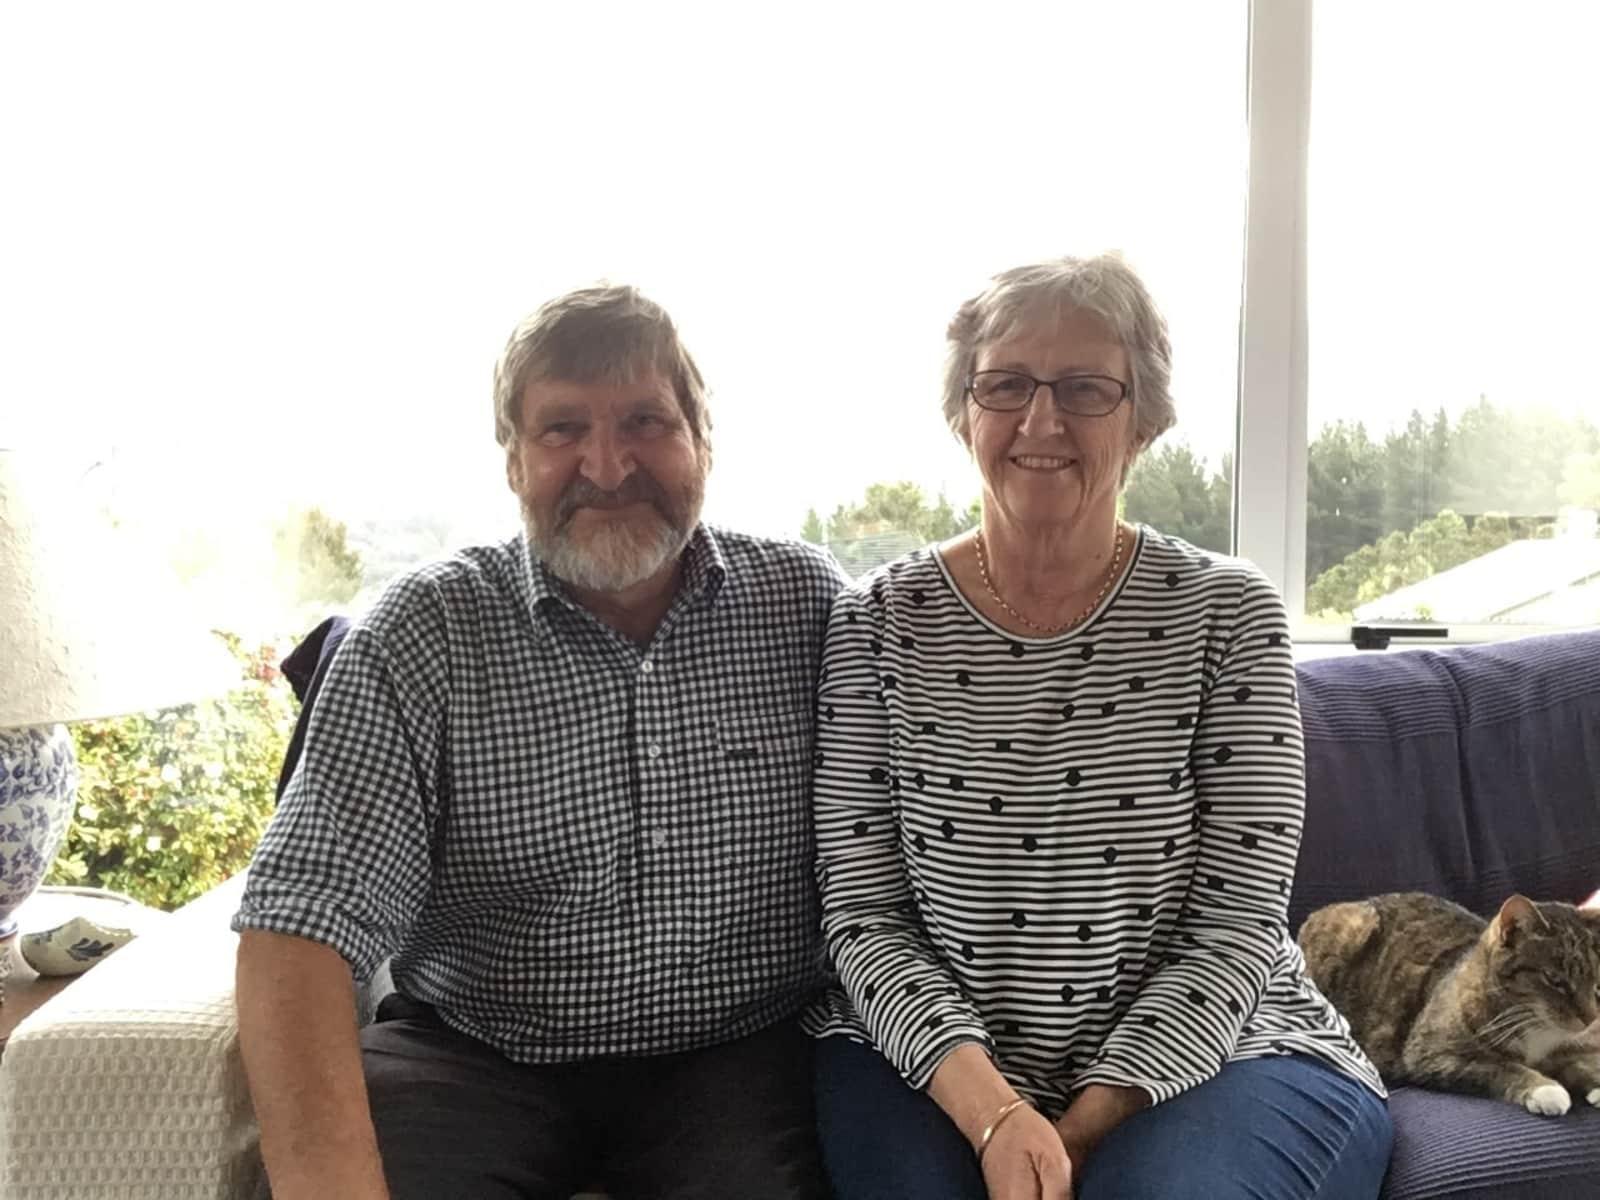 Rosie & David from Akaroa, New Zealand